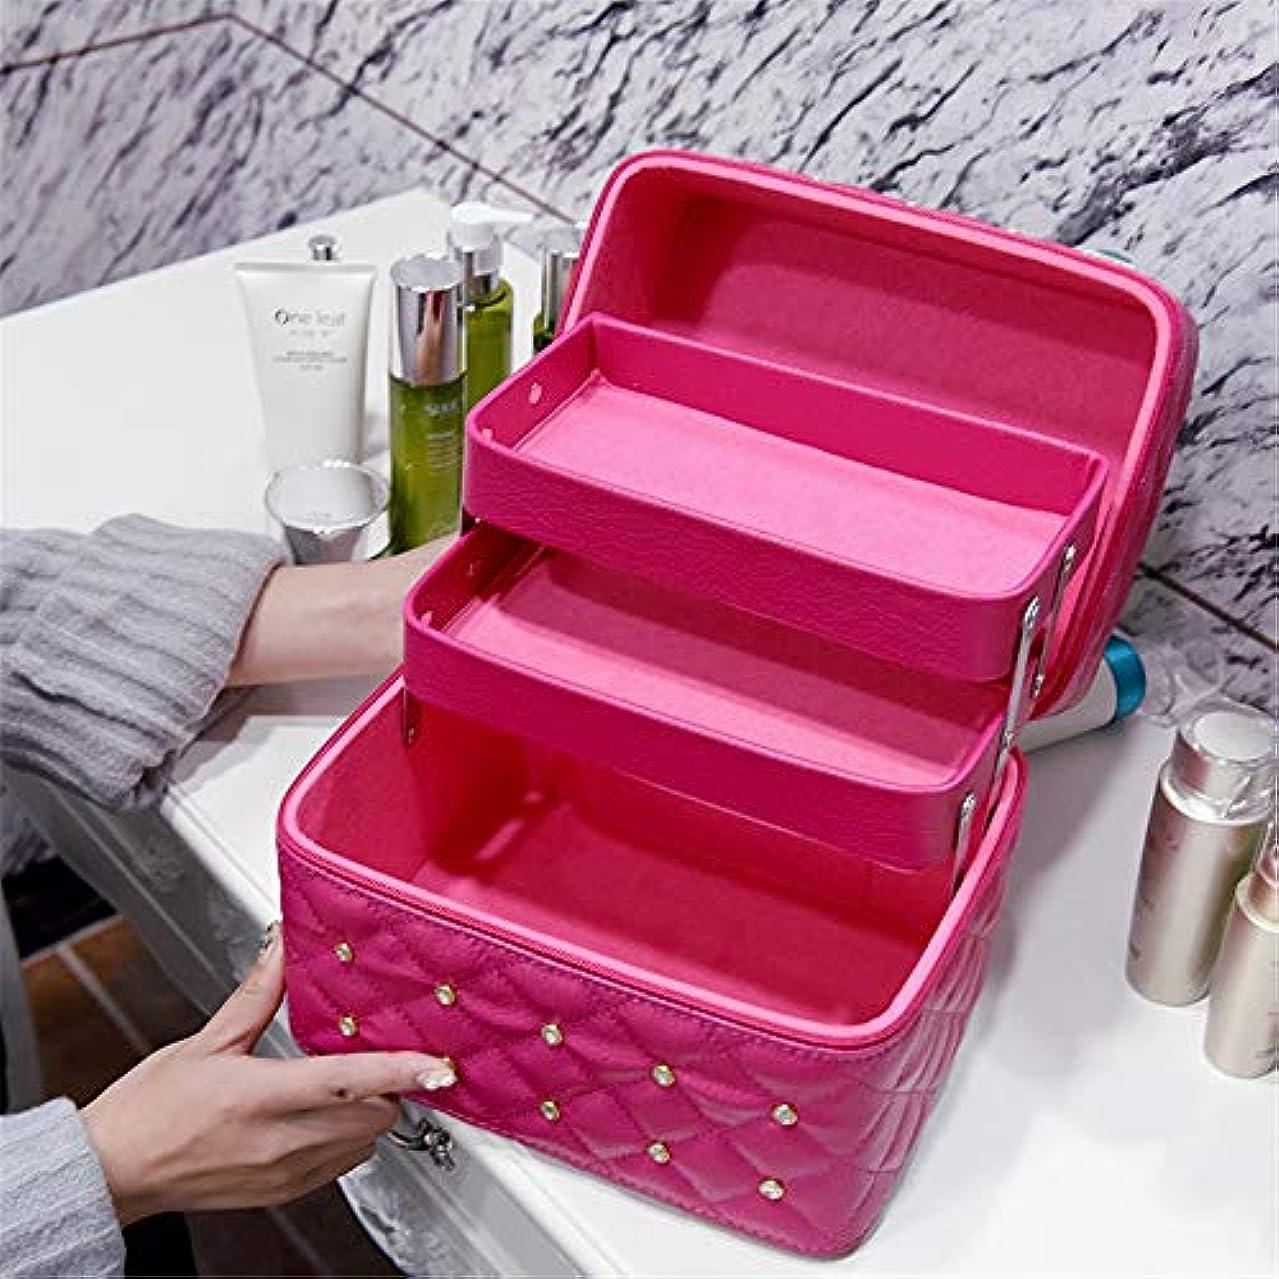 狂ったスリラーおなじみの特大スペース収納ビューティーボックス 美の構造のためそしてジッパーおよび折る皿が付いている女の子の女性旅行そして毎日の貯蔵のための高容量の携帯用化粧品袋 化粧品化粧台